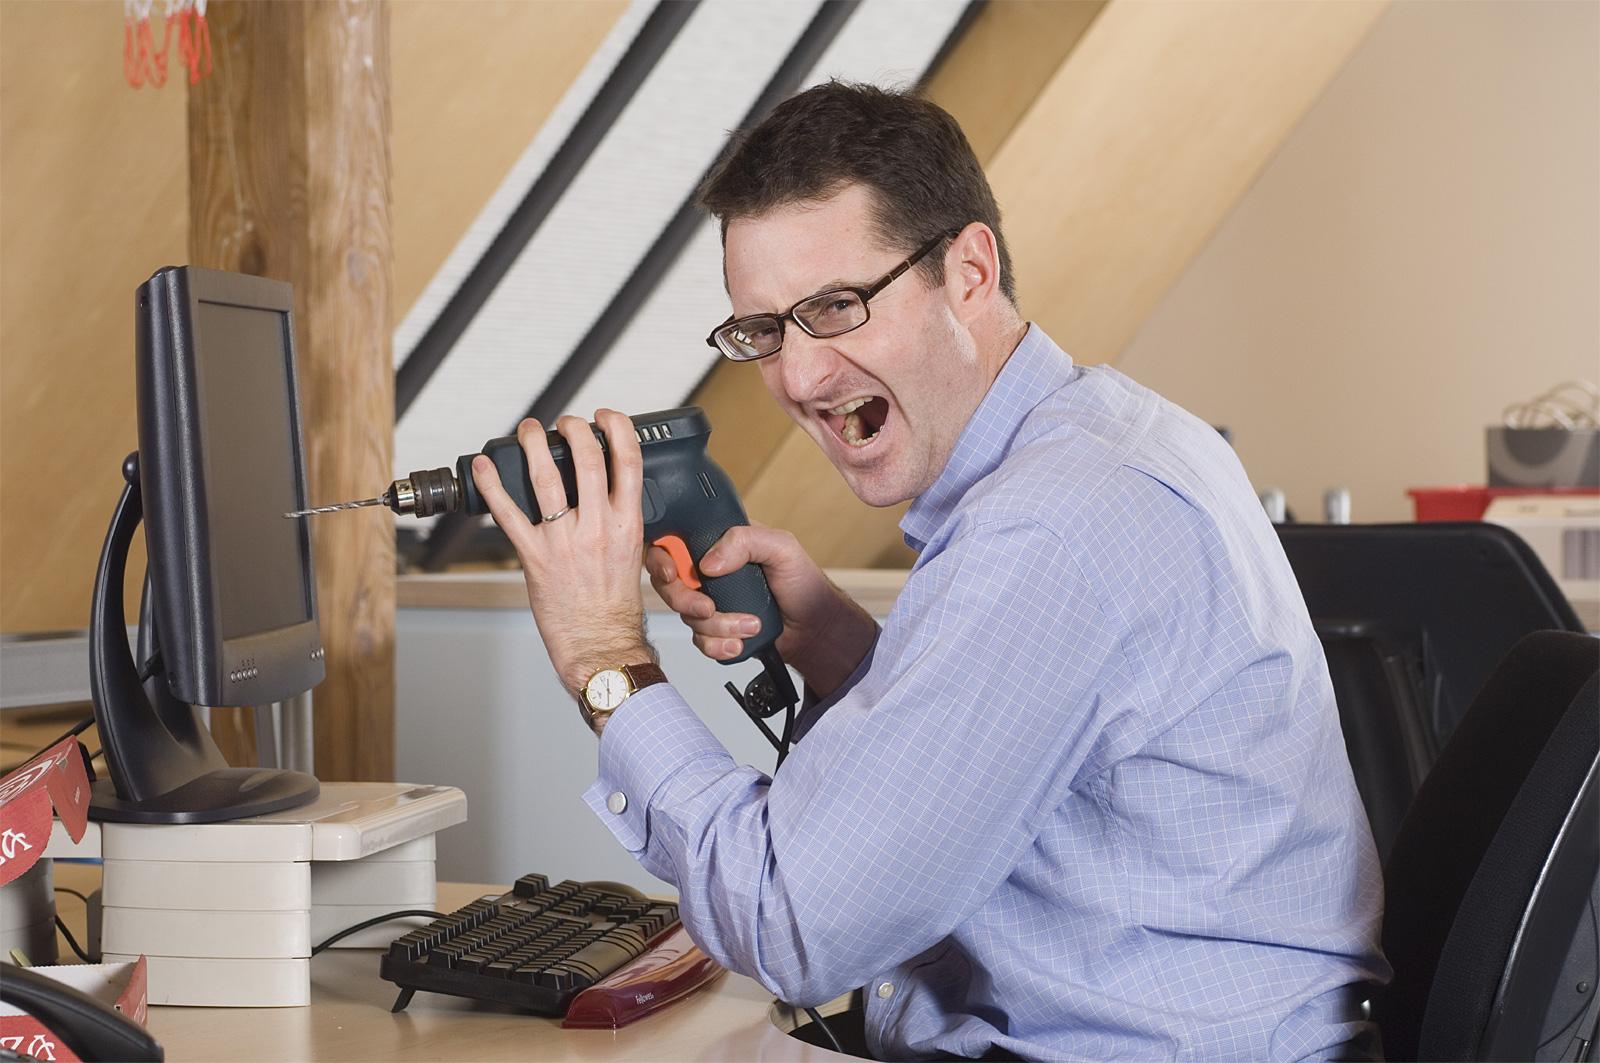 Trápí vás hluční sousedé? Zlepšete zvukovou izolaci